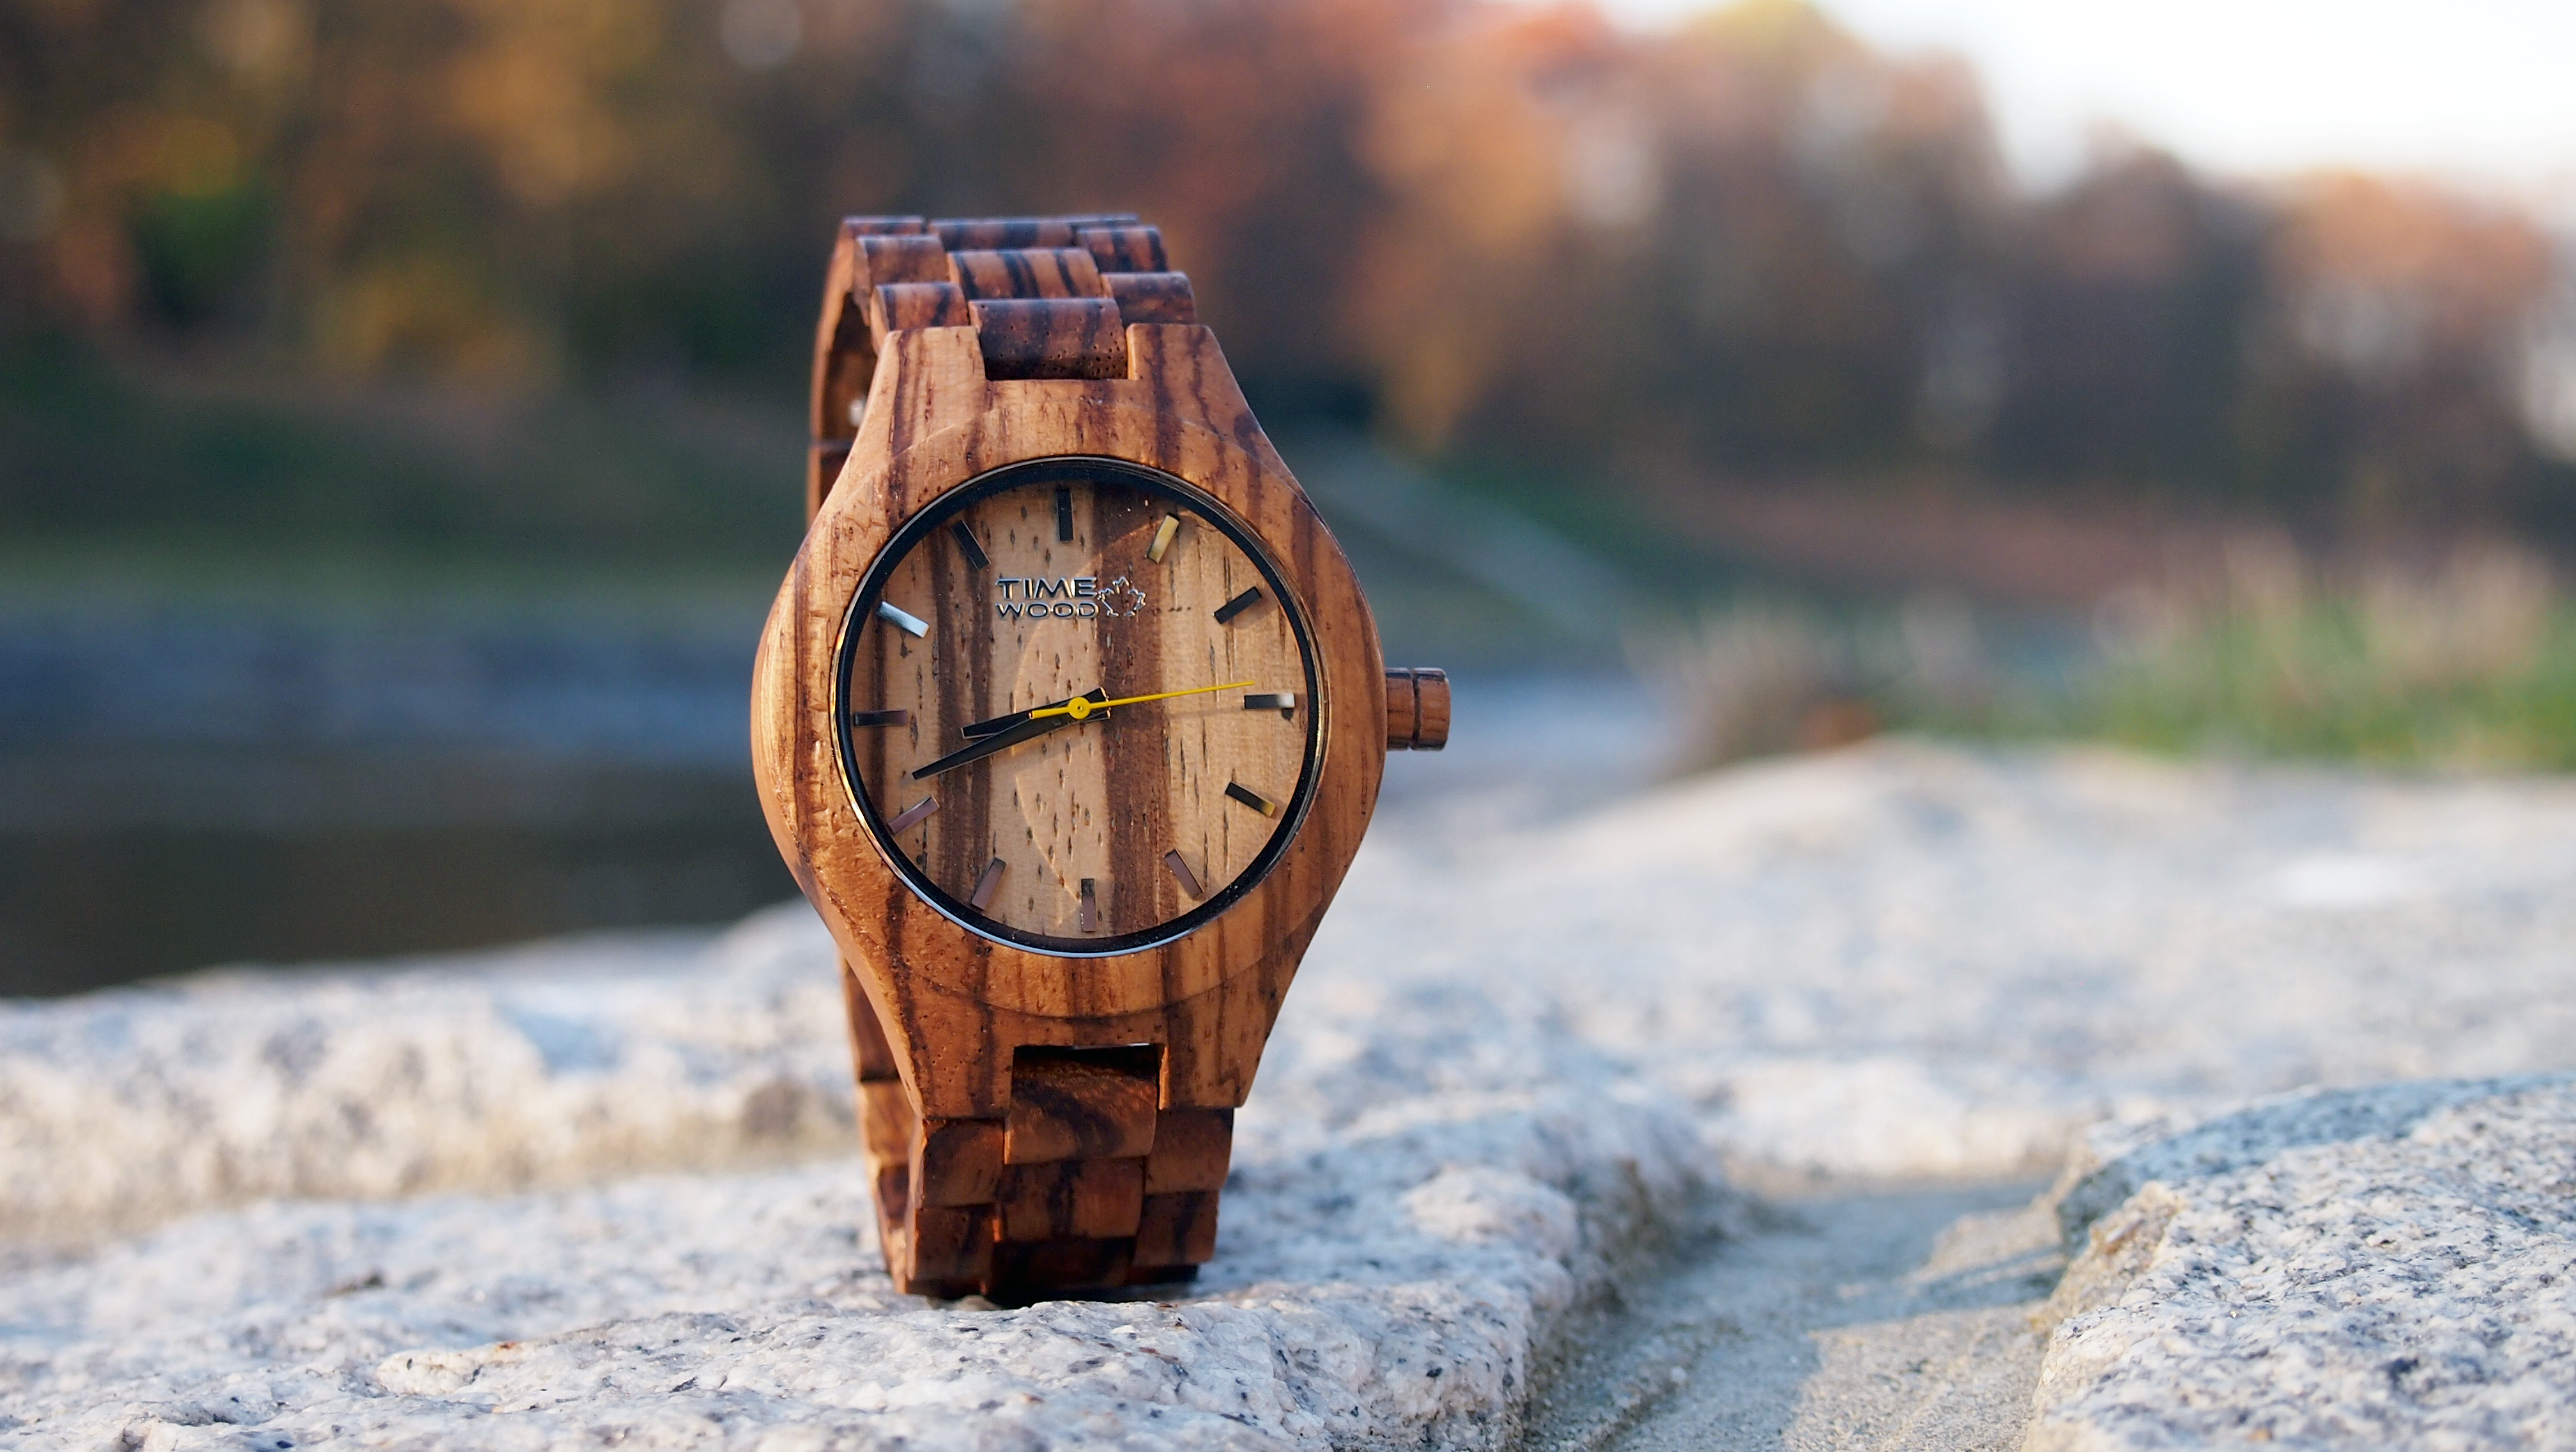 Nová kolekce Timewood: Stylové hodinky ze dřeva a kůže